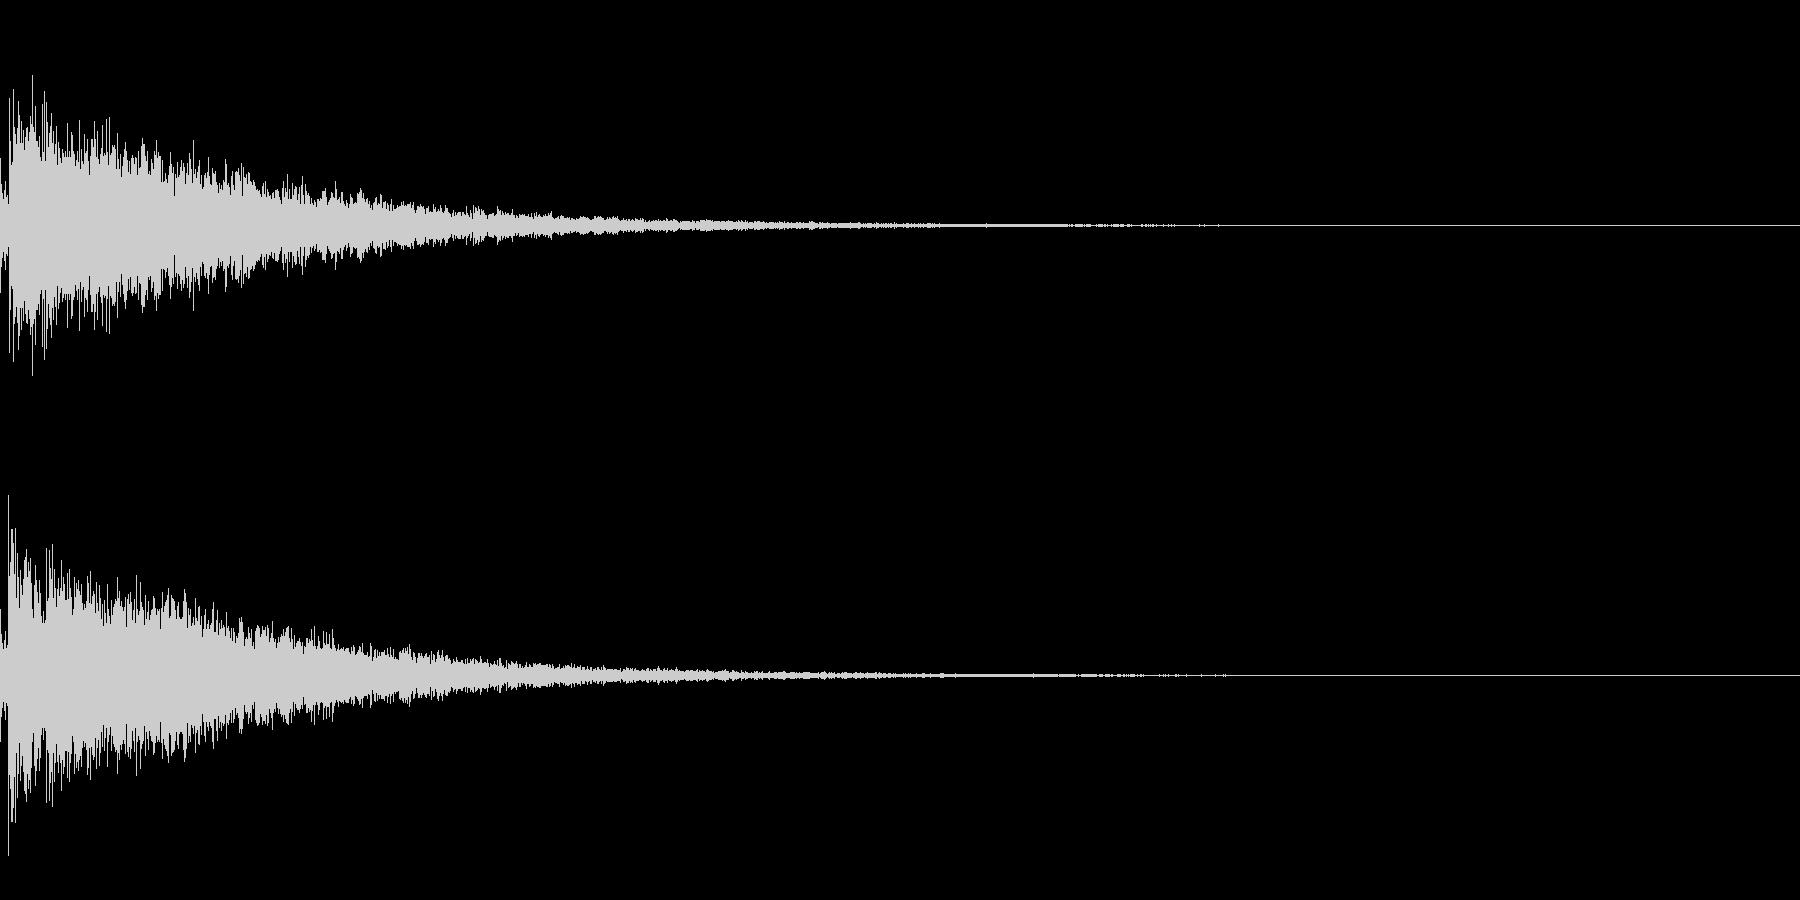 Alchemy 錬金術師の杖の音の未再生の波形